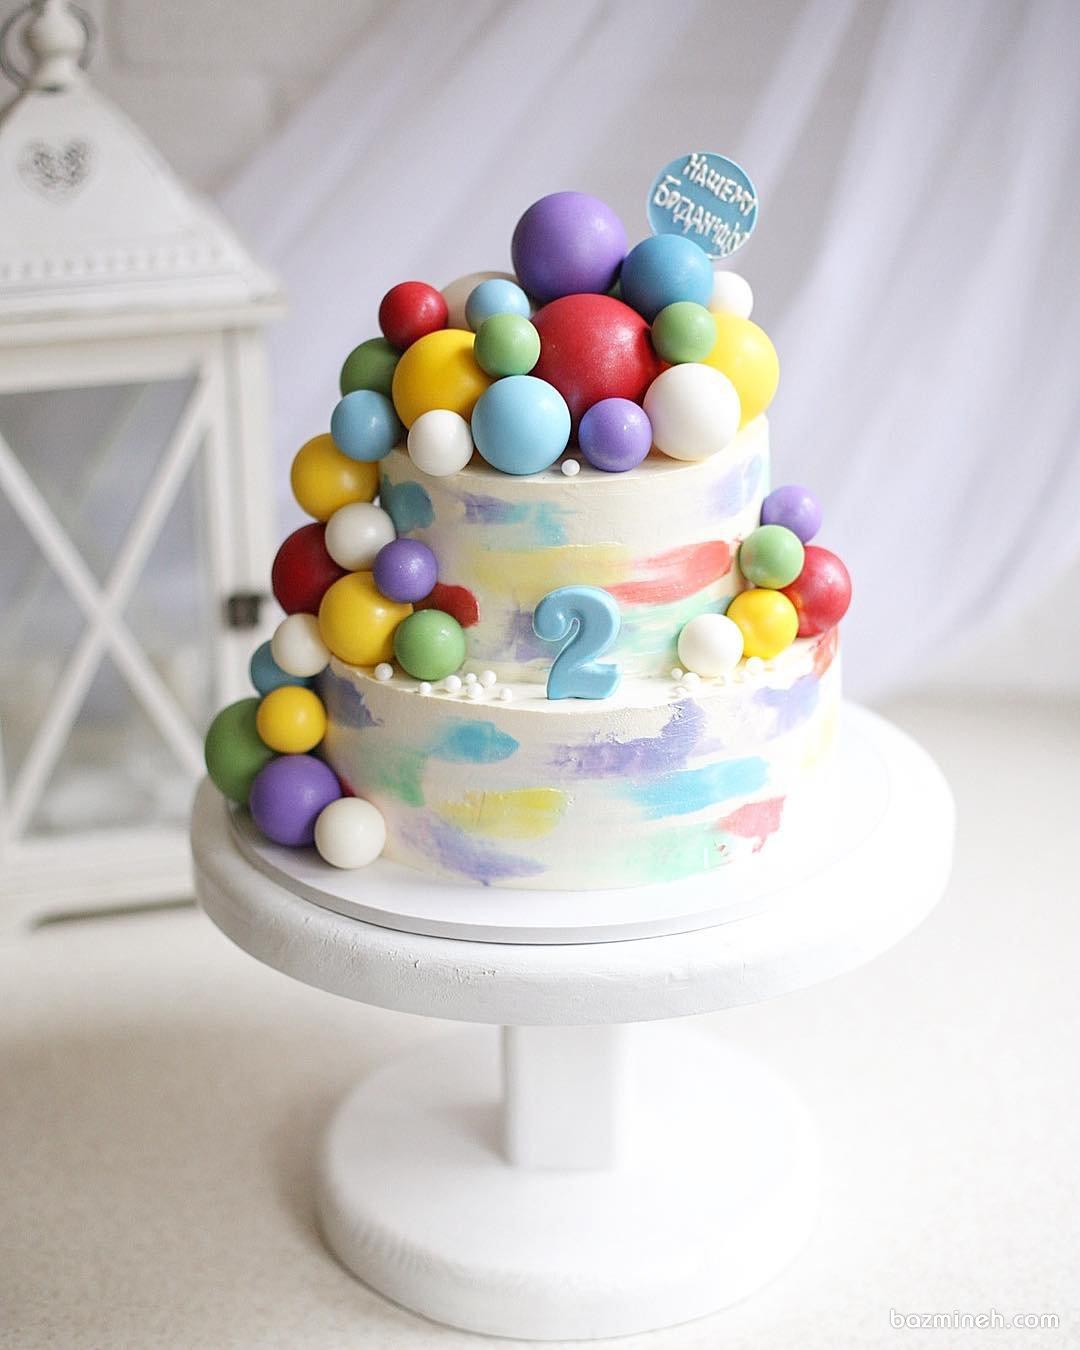 مینی کیک بامزه جشن تولد کودک با تم توپ های رنگی